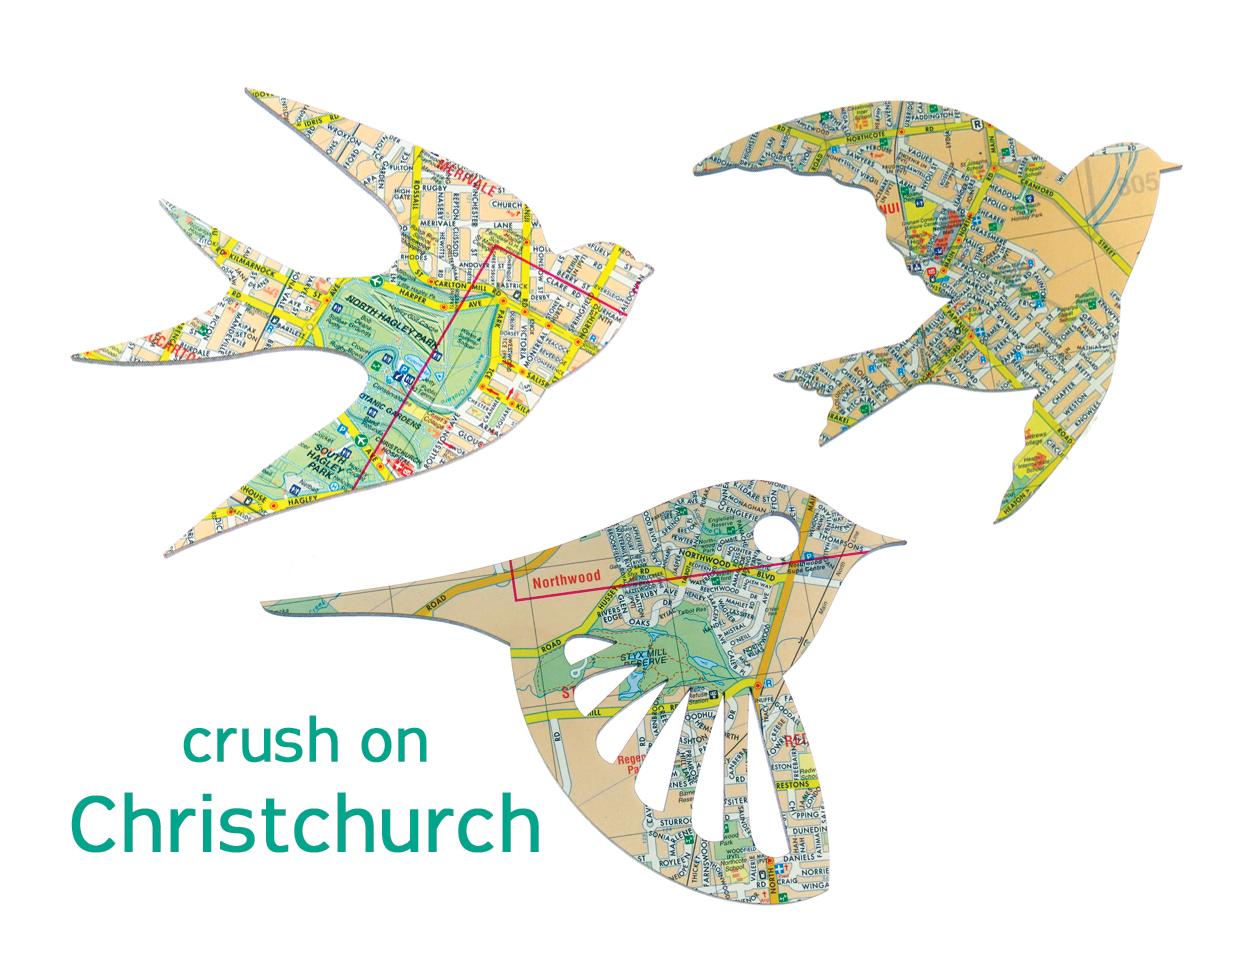 Map Of New Zealand Christchurch.New Zealand Christchurch City Map Birds Set Of 3 Laser Cut